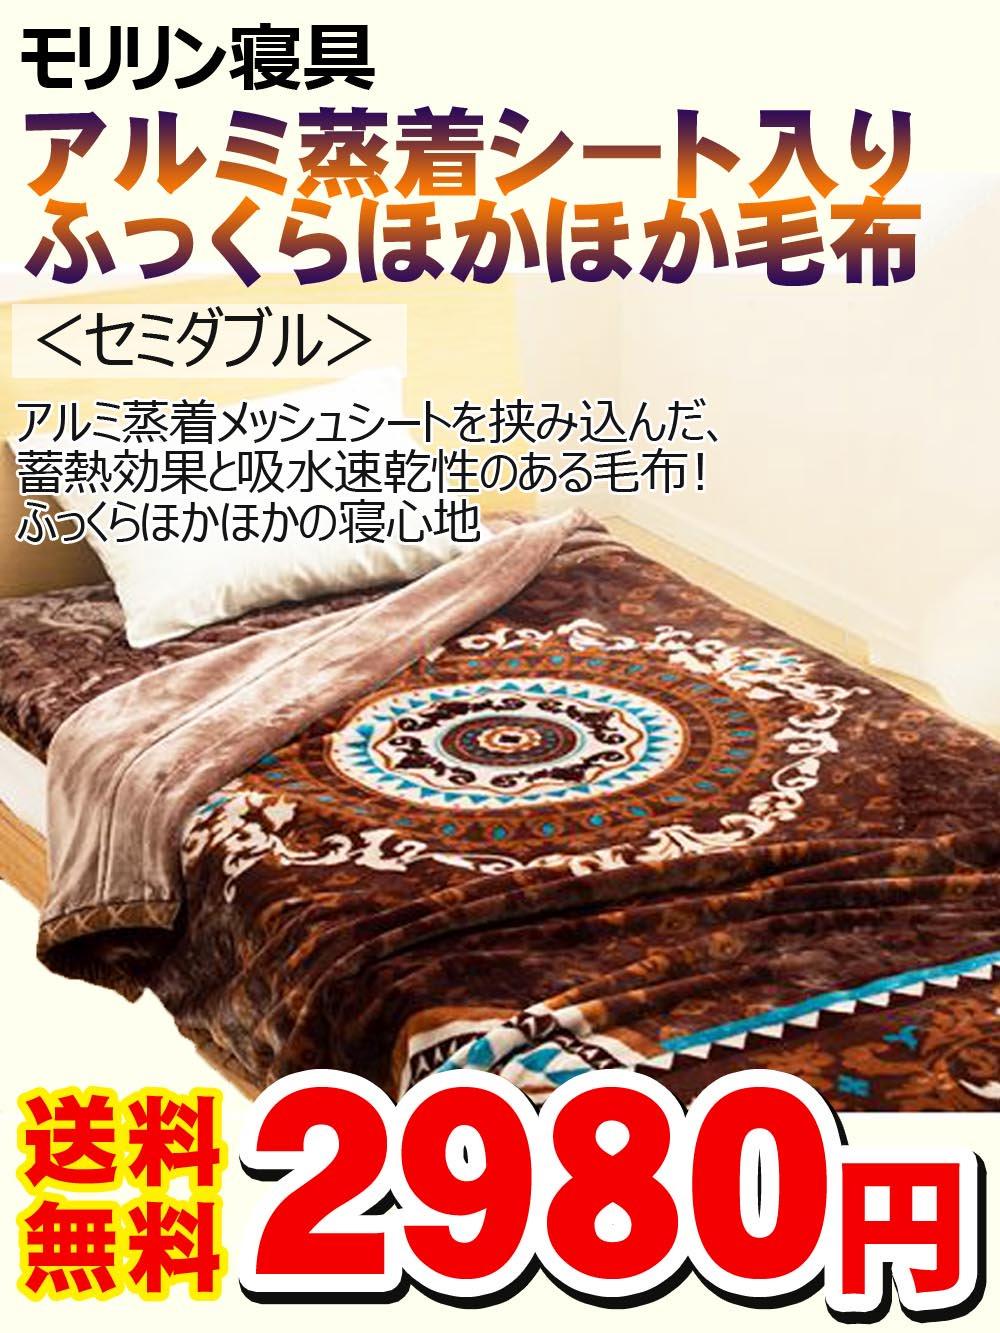 【送料無料】◆モリリンアルミ蒸着シート入り毛布 セミダブル <ブラウン>2980円